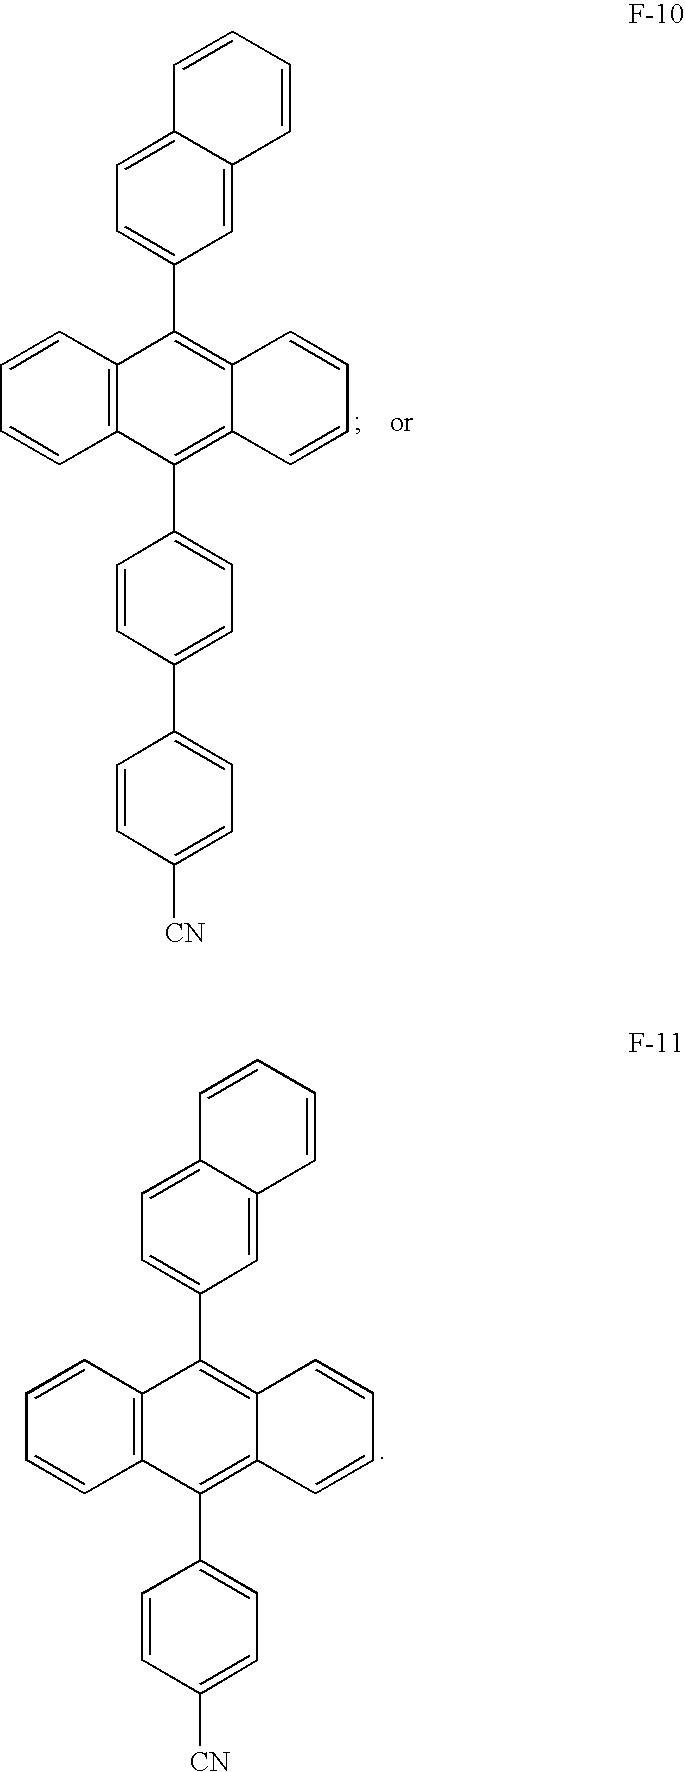 Figure US20090115316A1-20090507-C00017